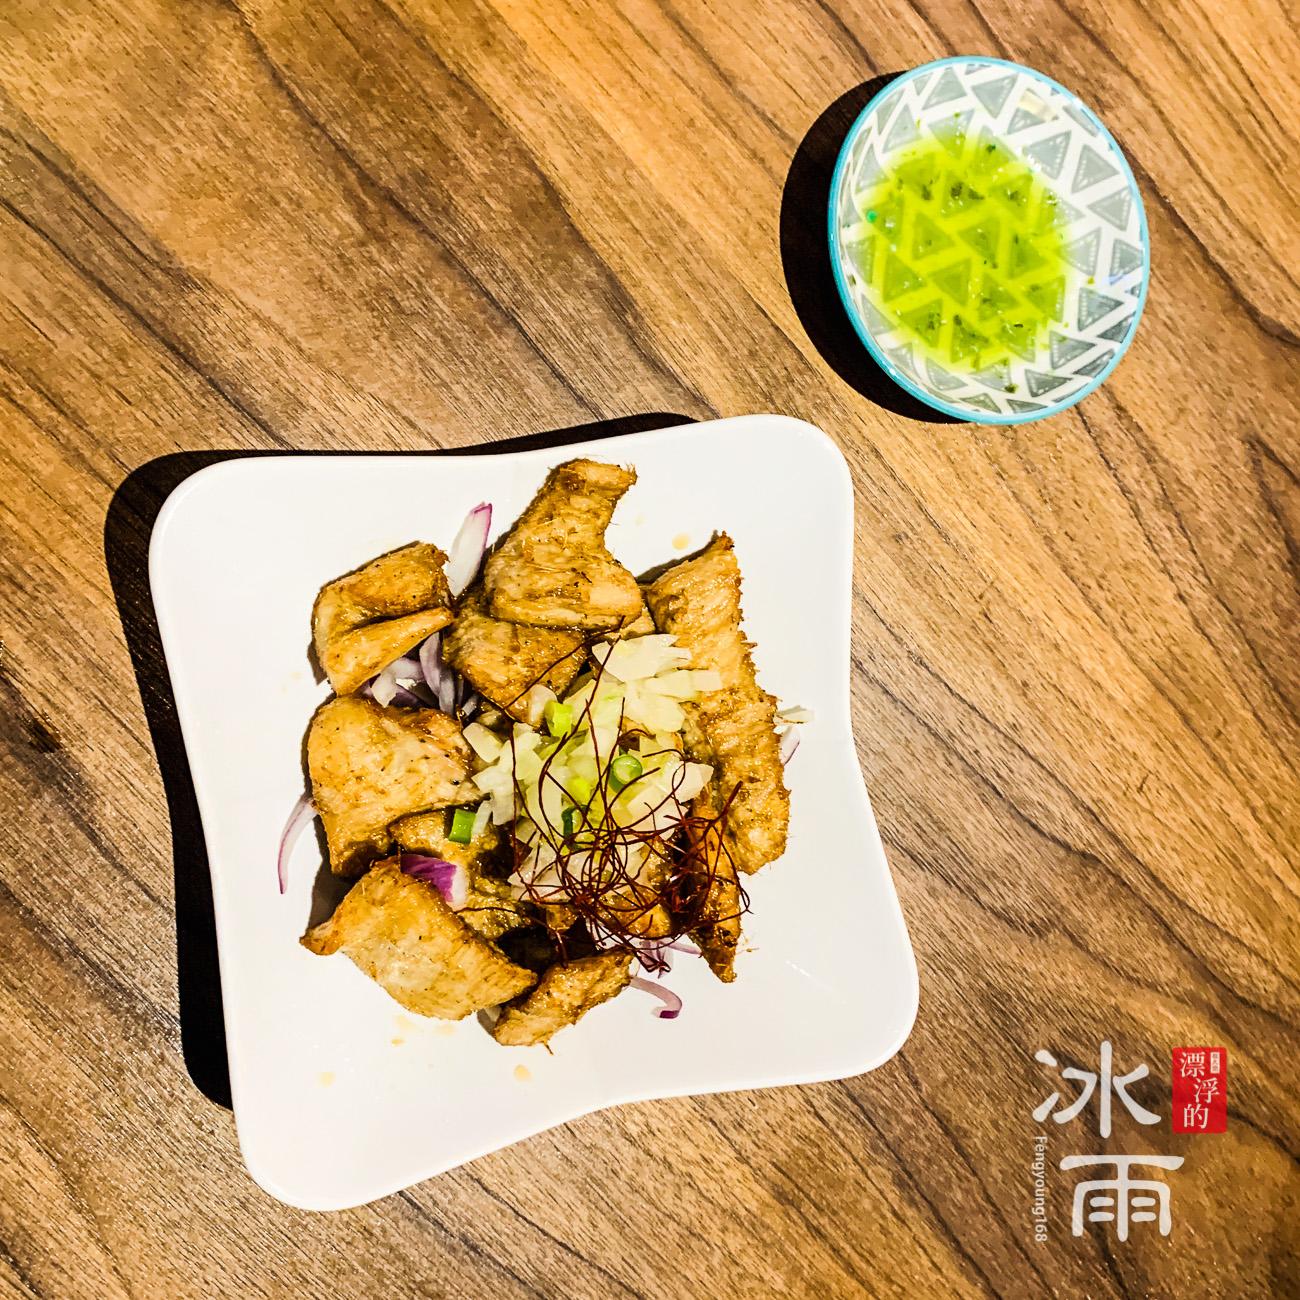 台灣人必點的松阪豬,這家的口味也不錯,肉質也很好歐!